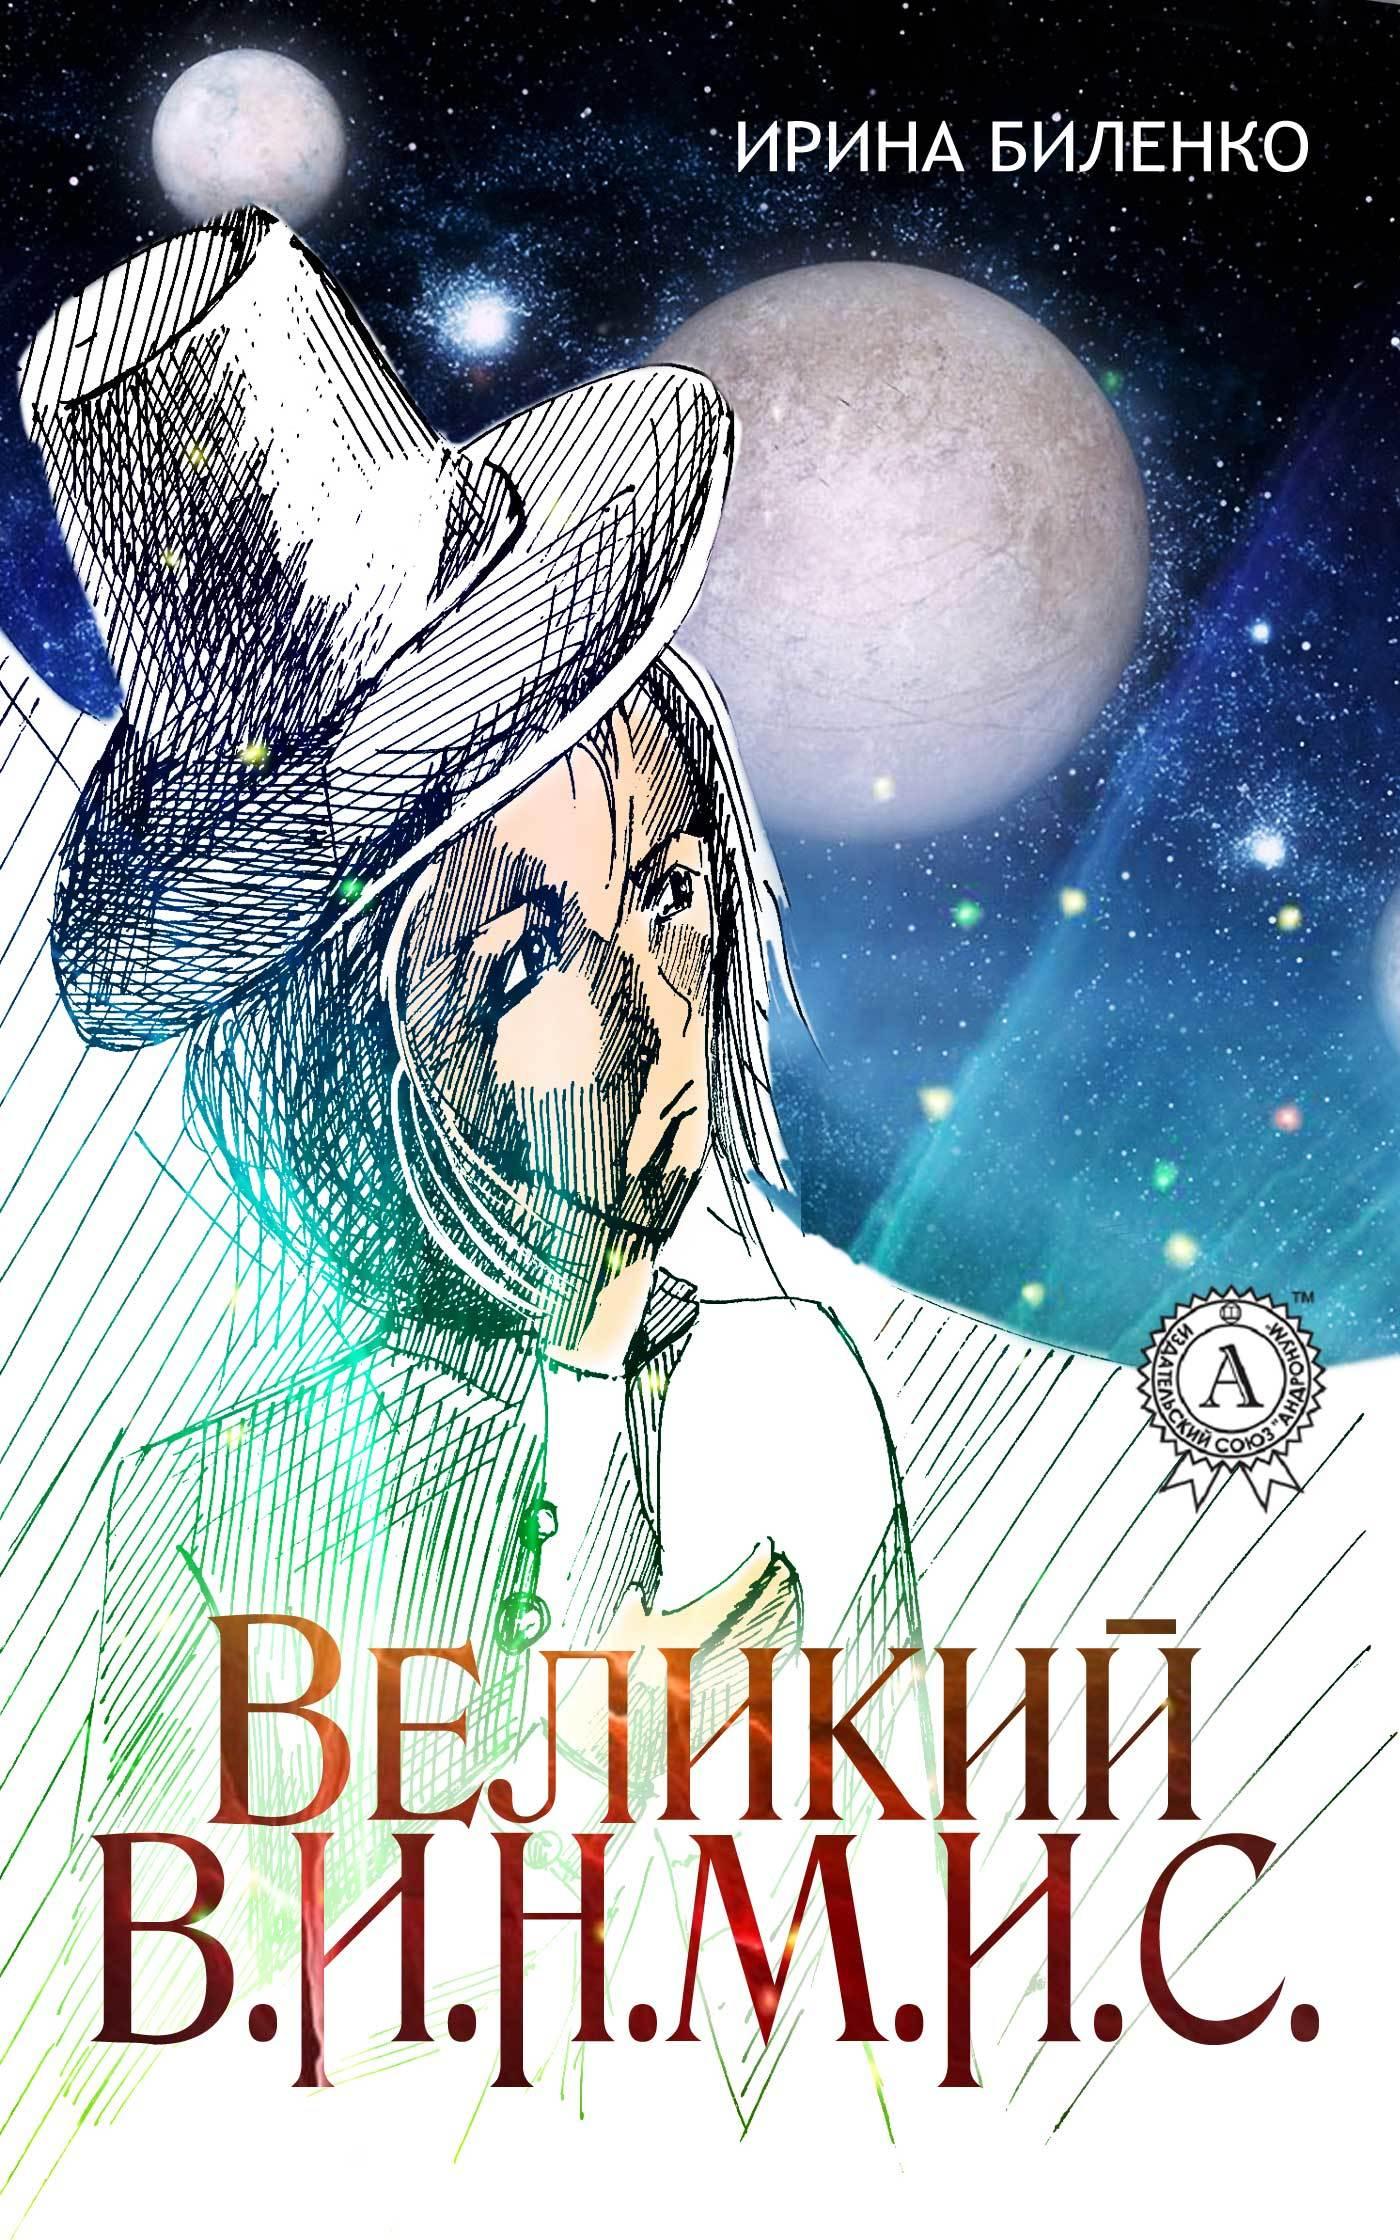 Ирина Биленко - Великий В.И.Н.М.И.С.